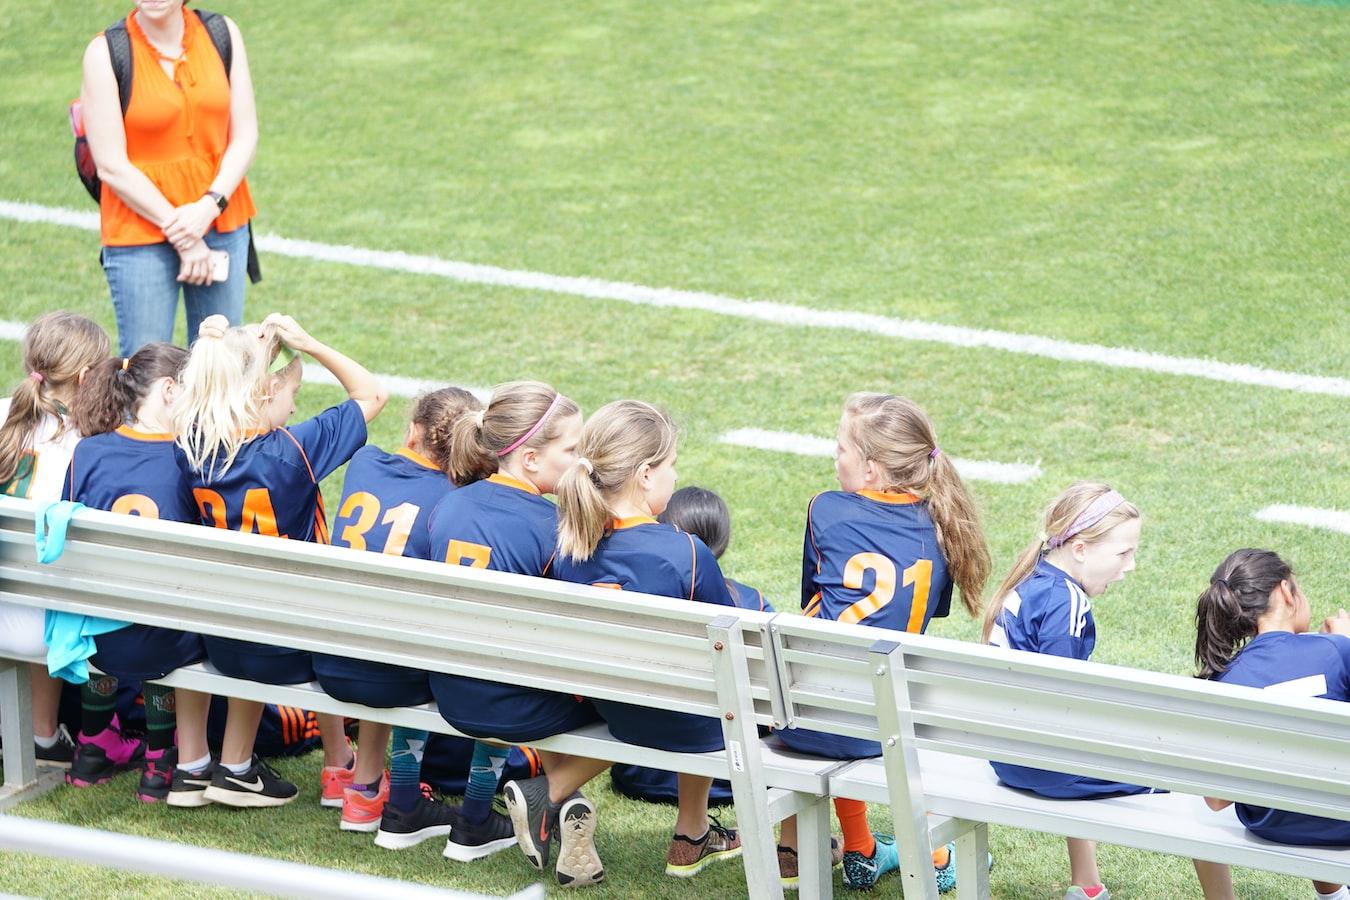 Soccer Team on Sidelines